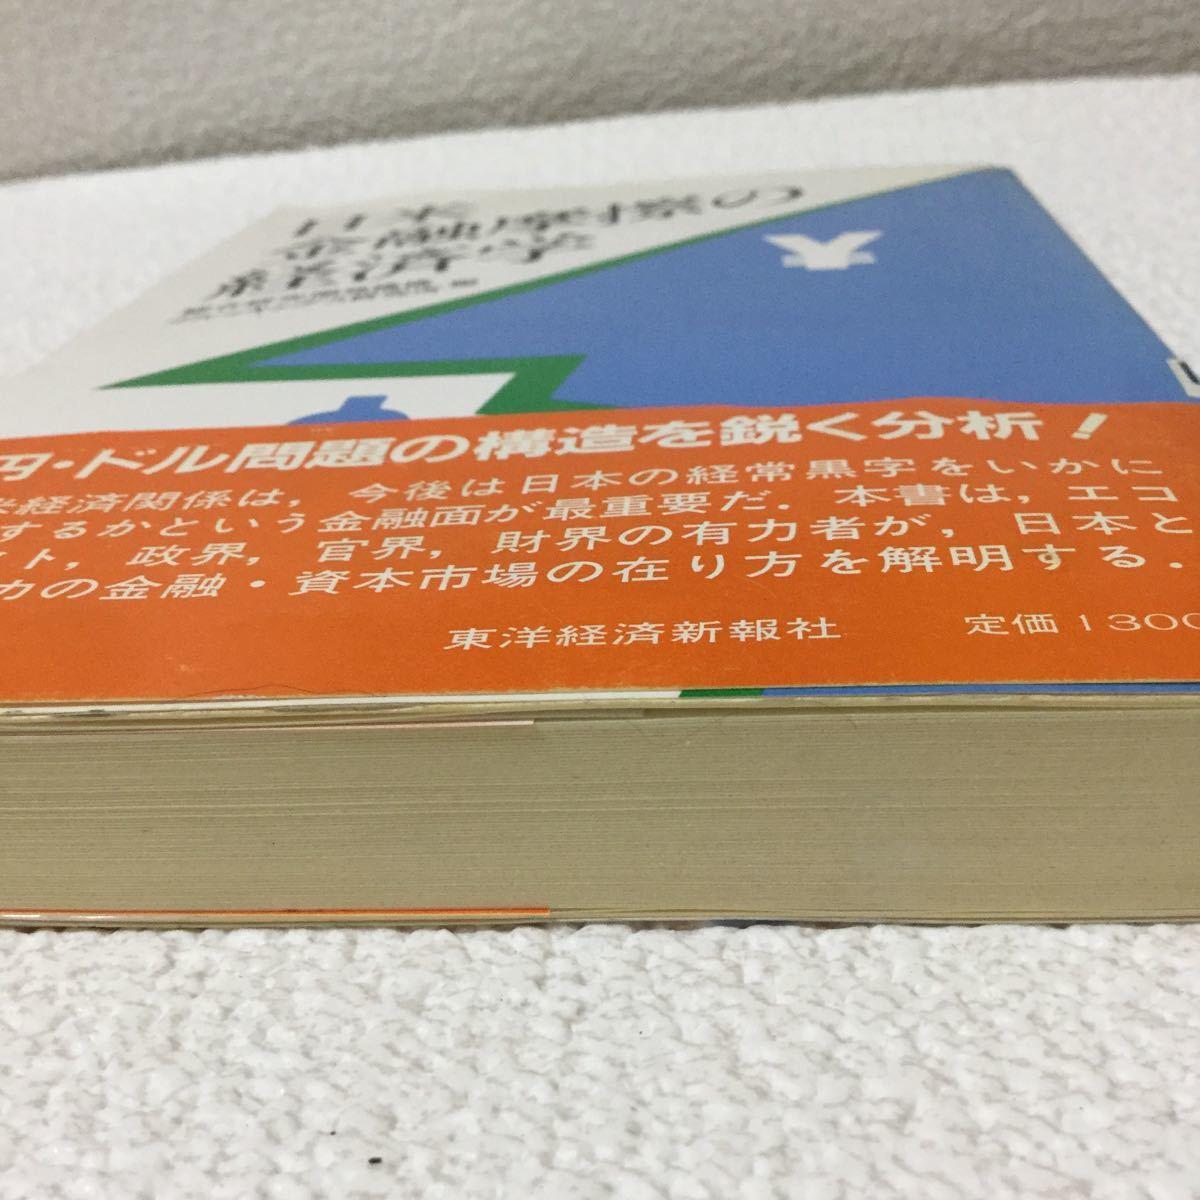 41 日米金融摩擦の経済学 昭和59年2月9日発行 総合研究開発機構 ブルッキングス研究所 円ドルの問題 日本経済 世界経済 円レート_画像2